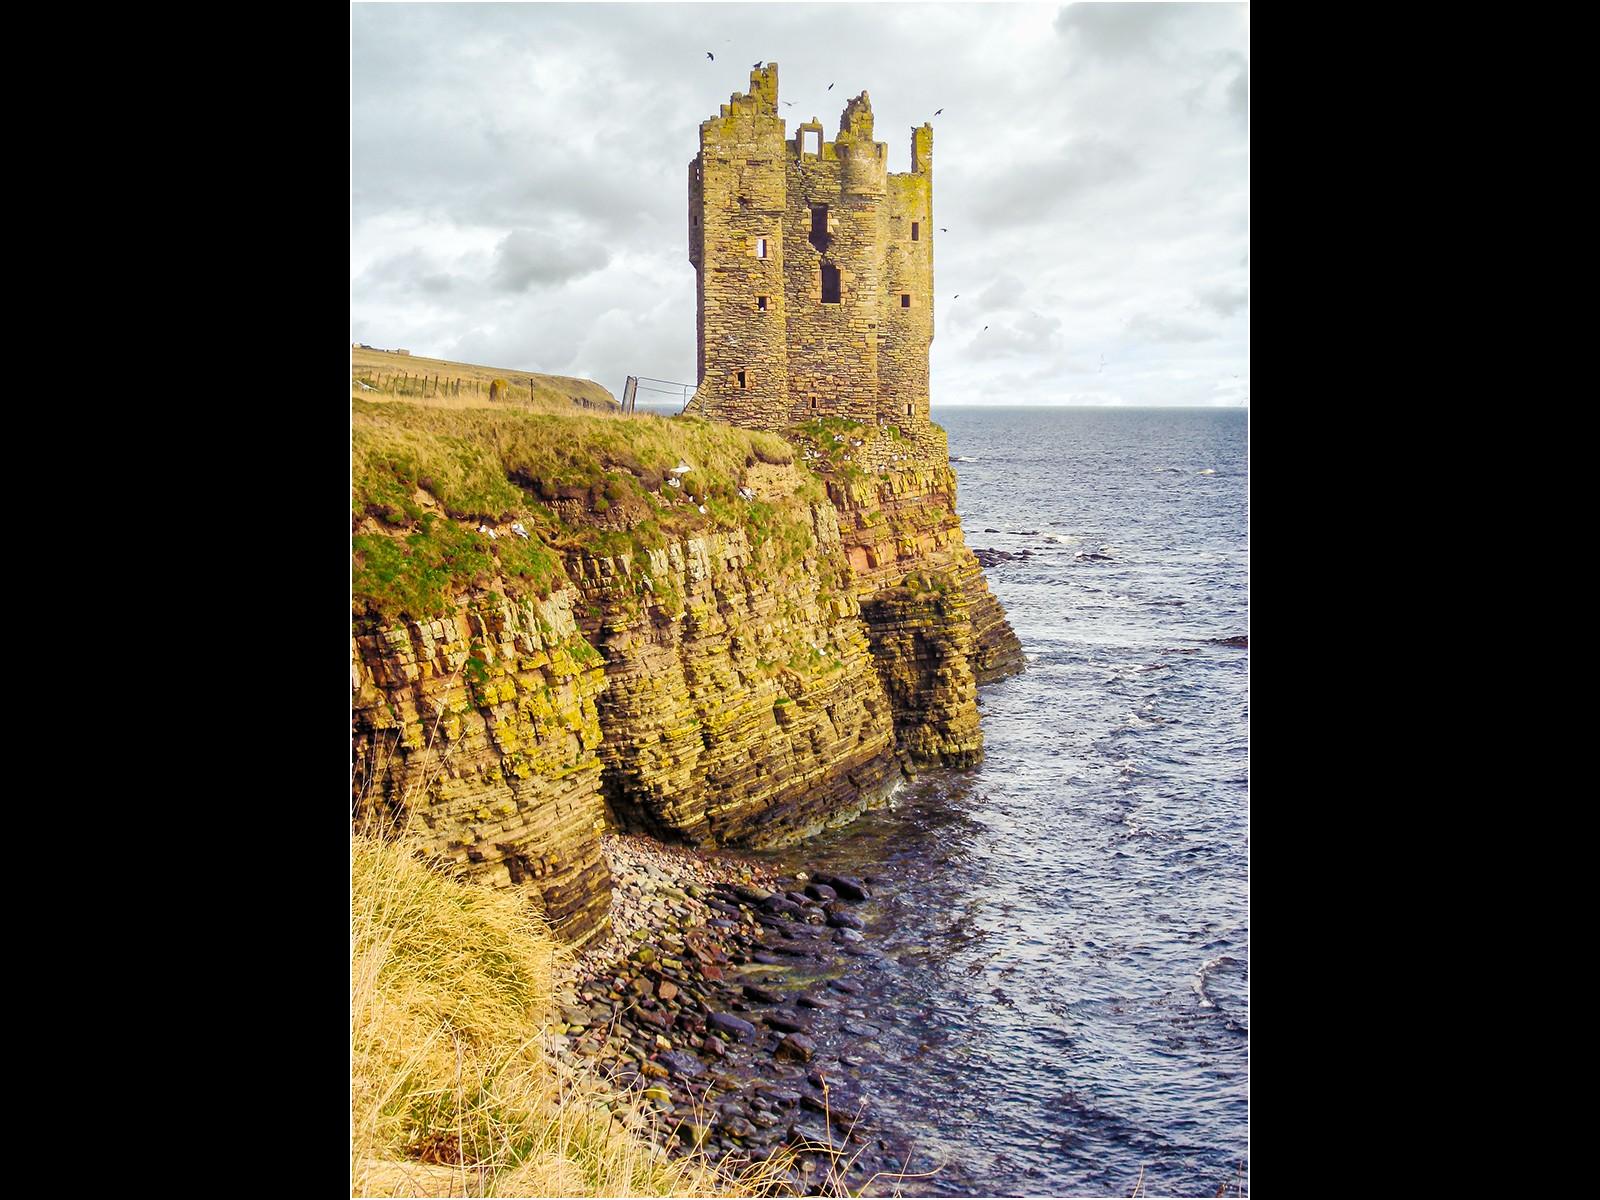 7.Castle on a Rock